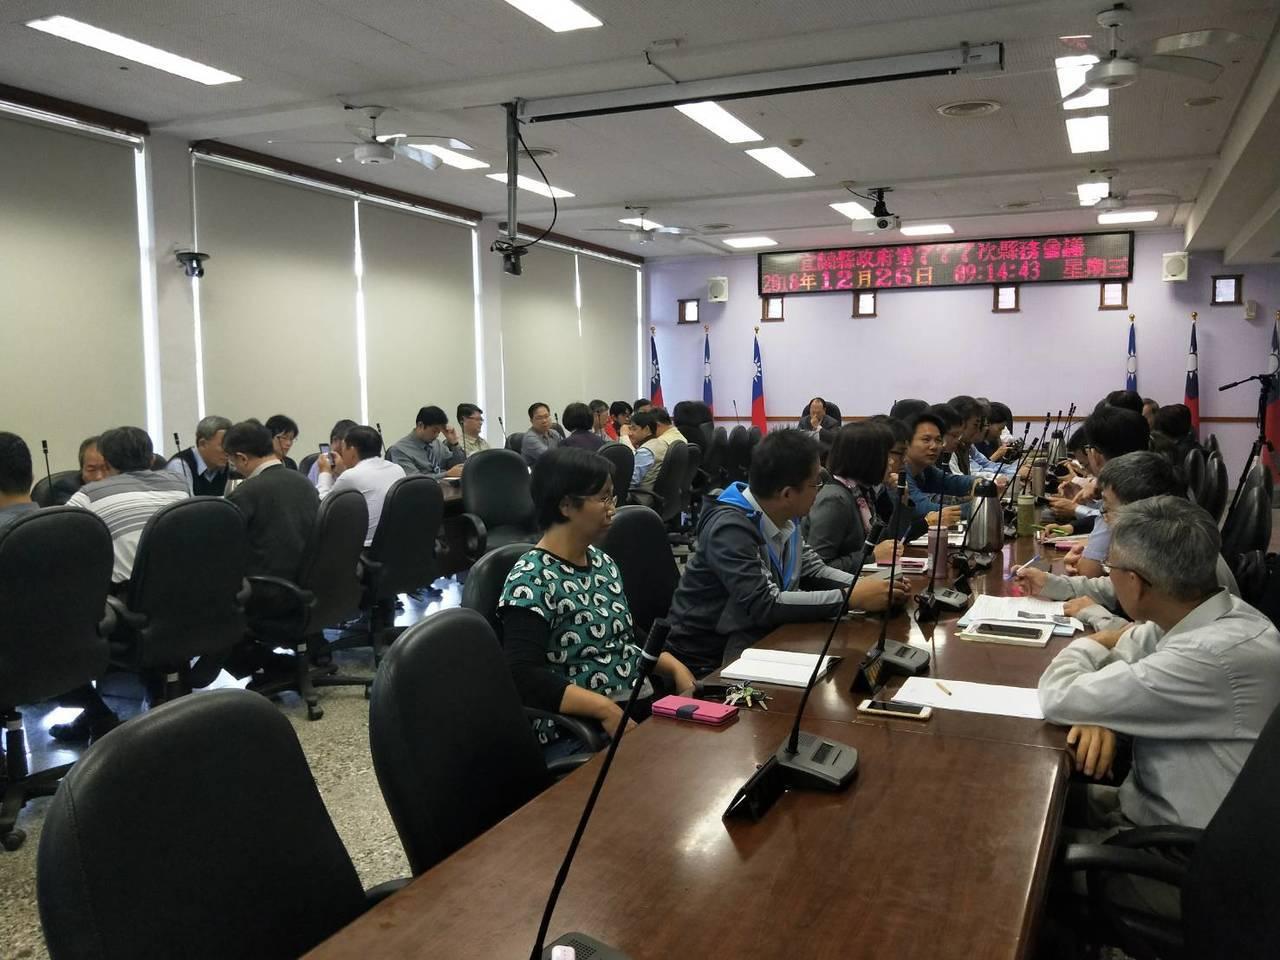 宜蘭新縣長林姿妙首場縣務會議就遲到,讓主管空等。記者戴永華/攝影